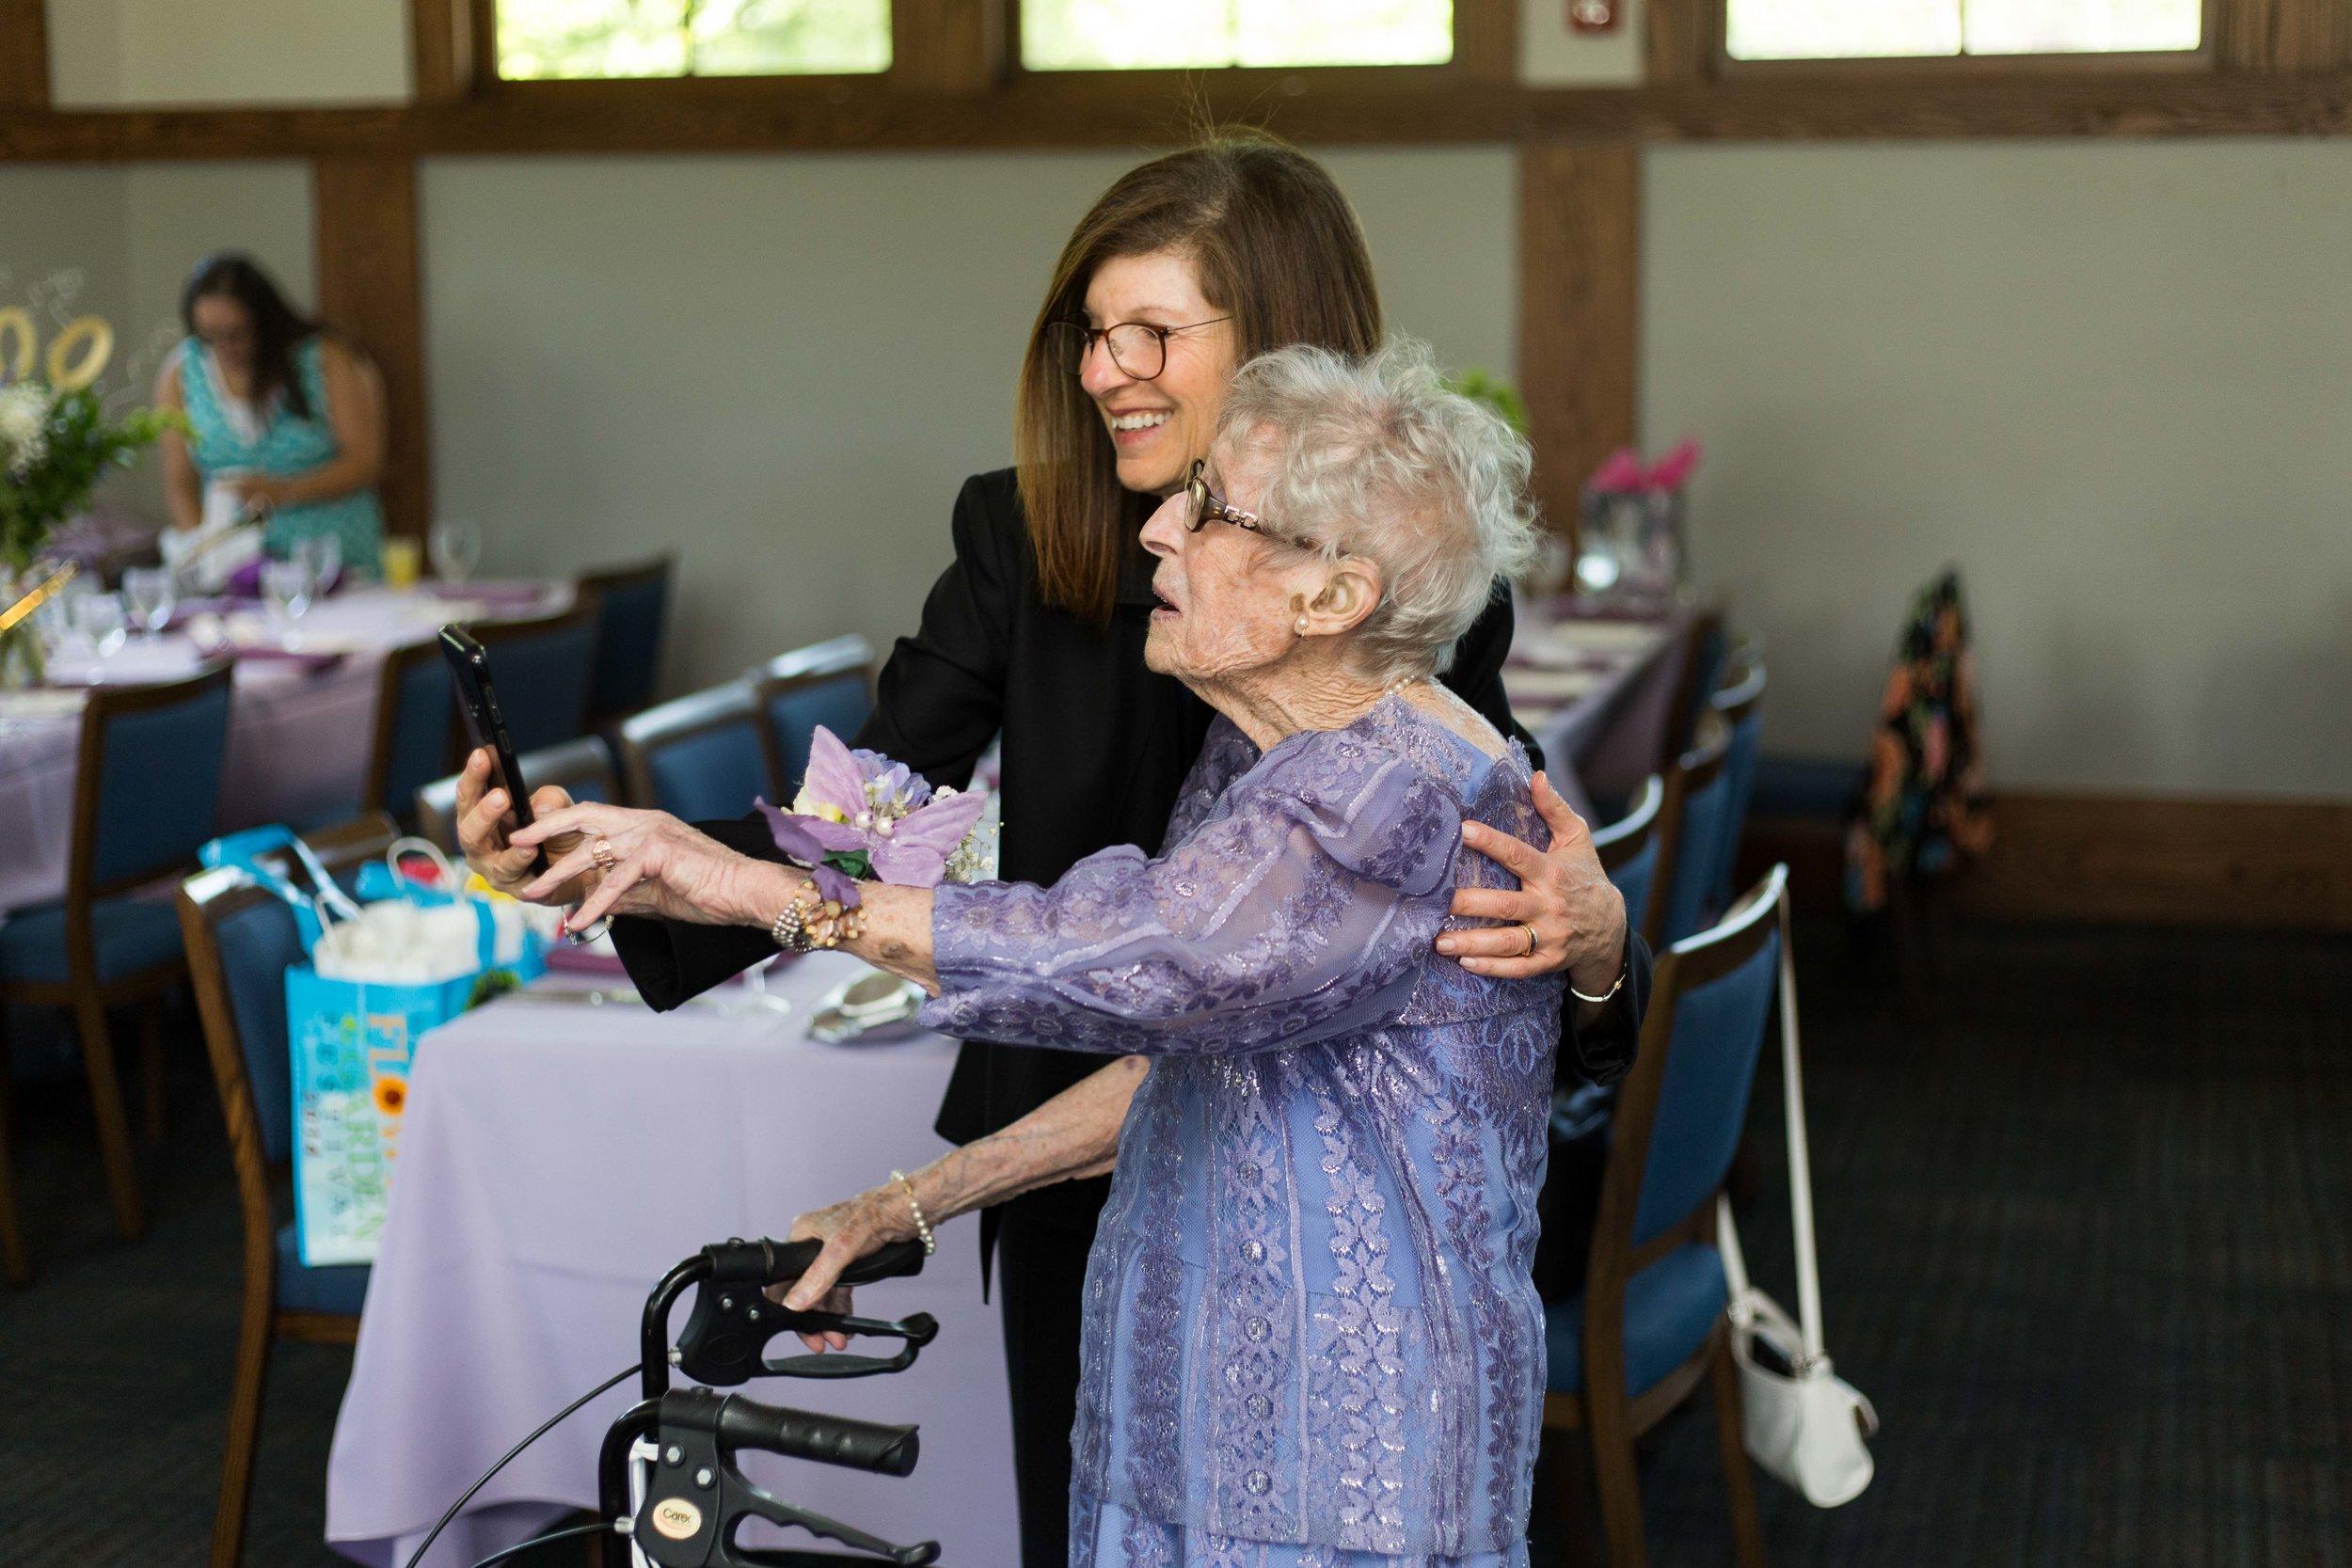 McLoones Boathouse West Orange NJ 100th Birthday Party Event Photos-7.jpg